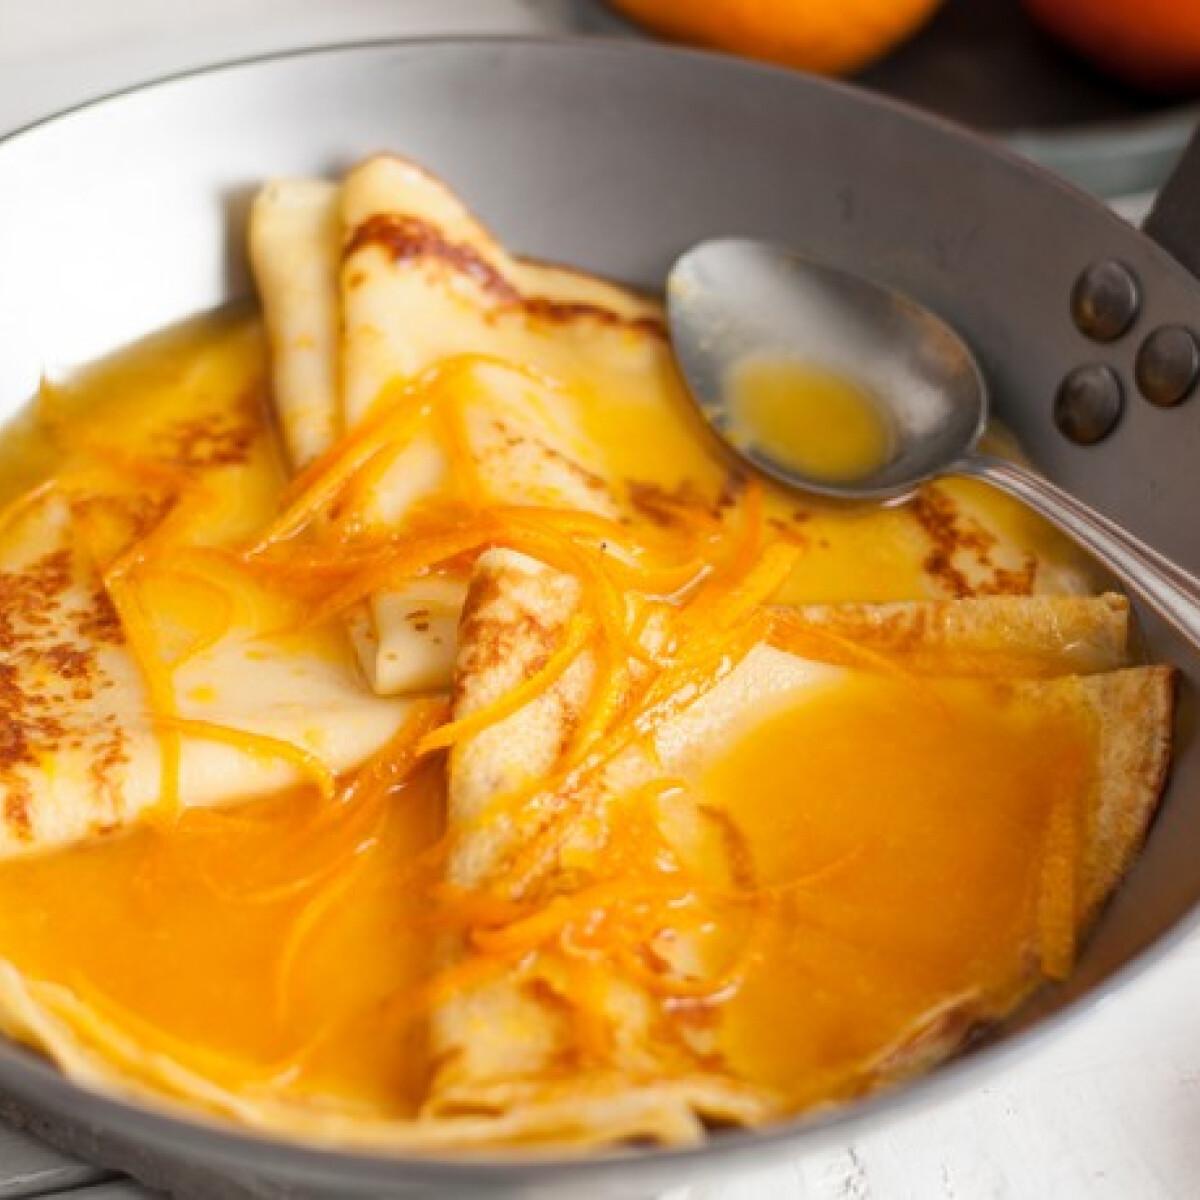 Ezen a képen: Narancsos palacsinta - Crêpe Suzette